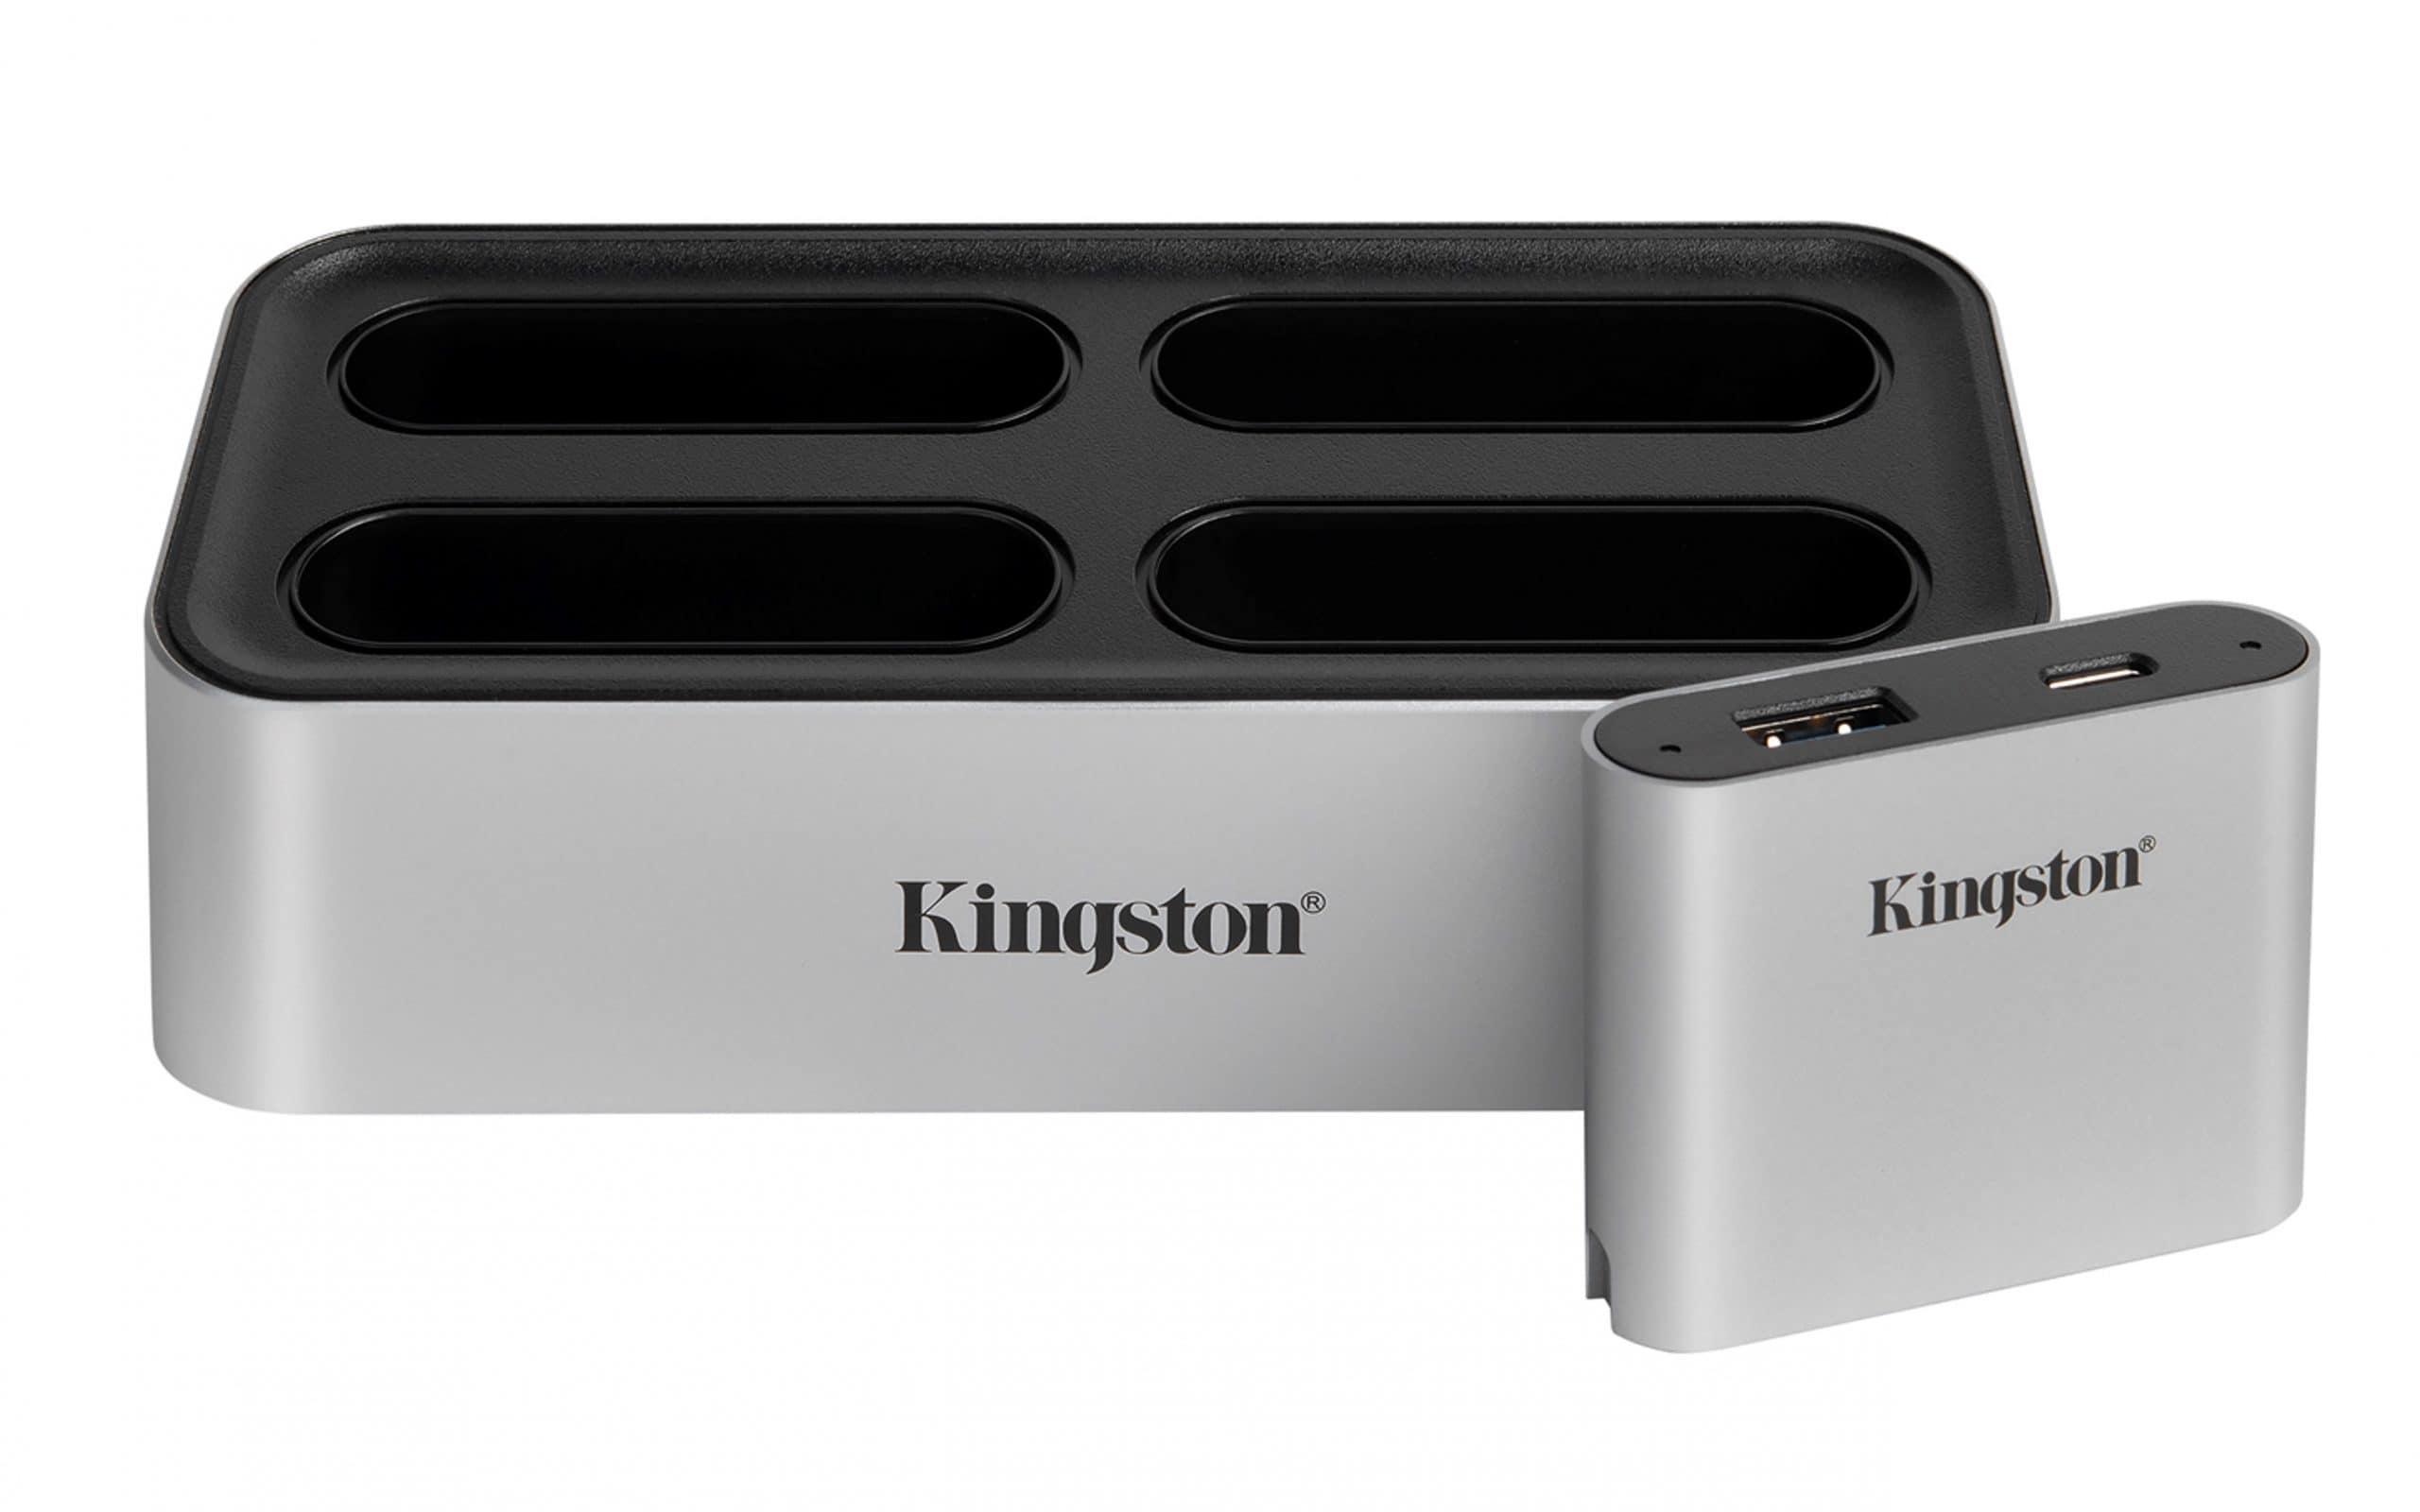 [CES 2021] Kingston Hé Lộ Dòng Sản Phẩm SSD NVMe thế hệ Mới Và Ra Mắt Bộ Chuyển Đổi Lõi Kết Hợp Cùng Đầu Đọc